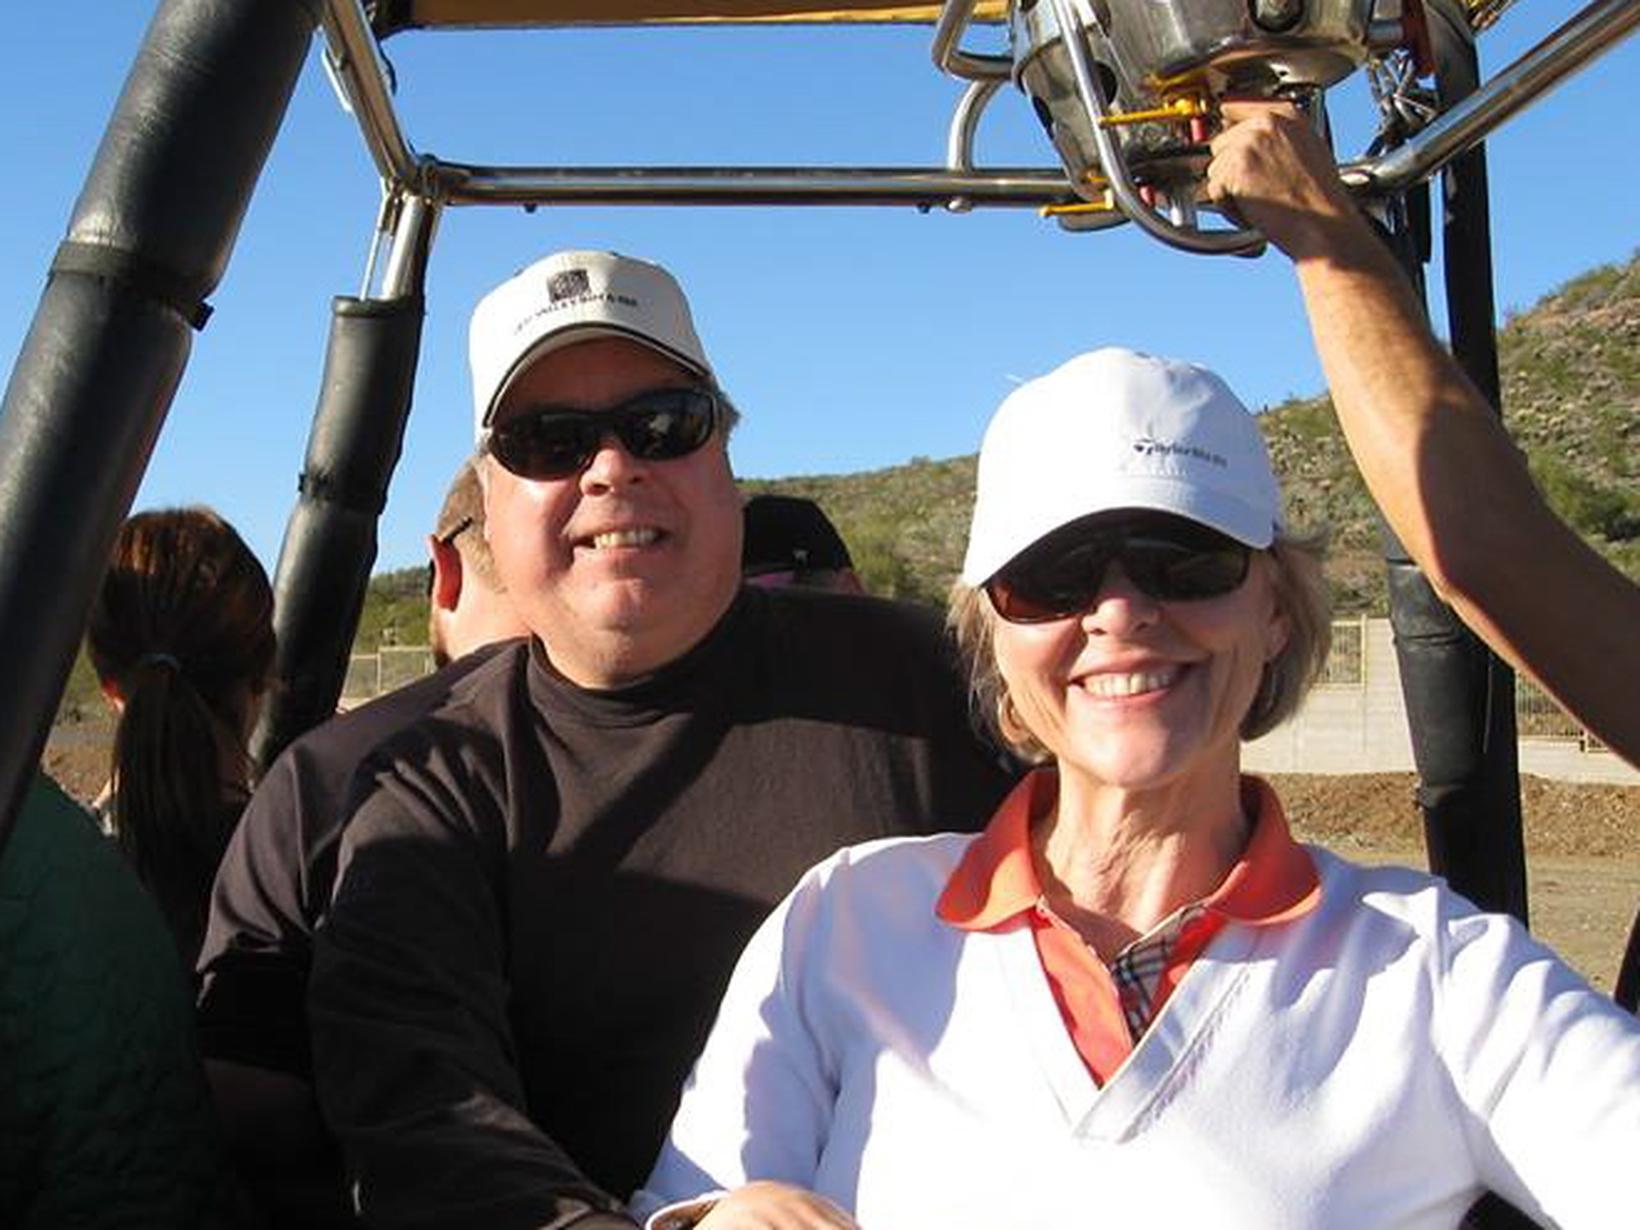 Dale & Grant from Brandon, Manitoba, Canada